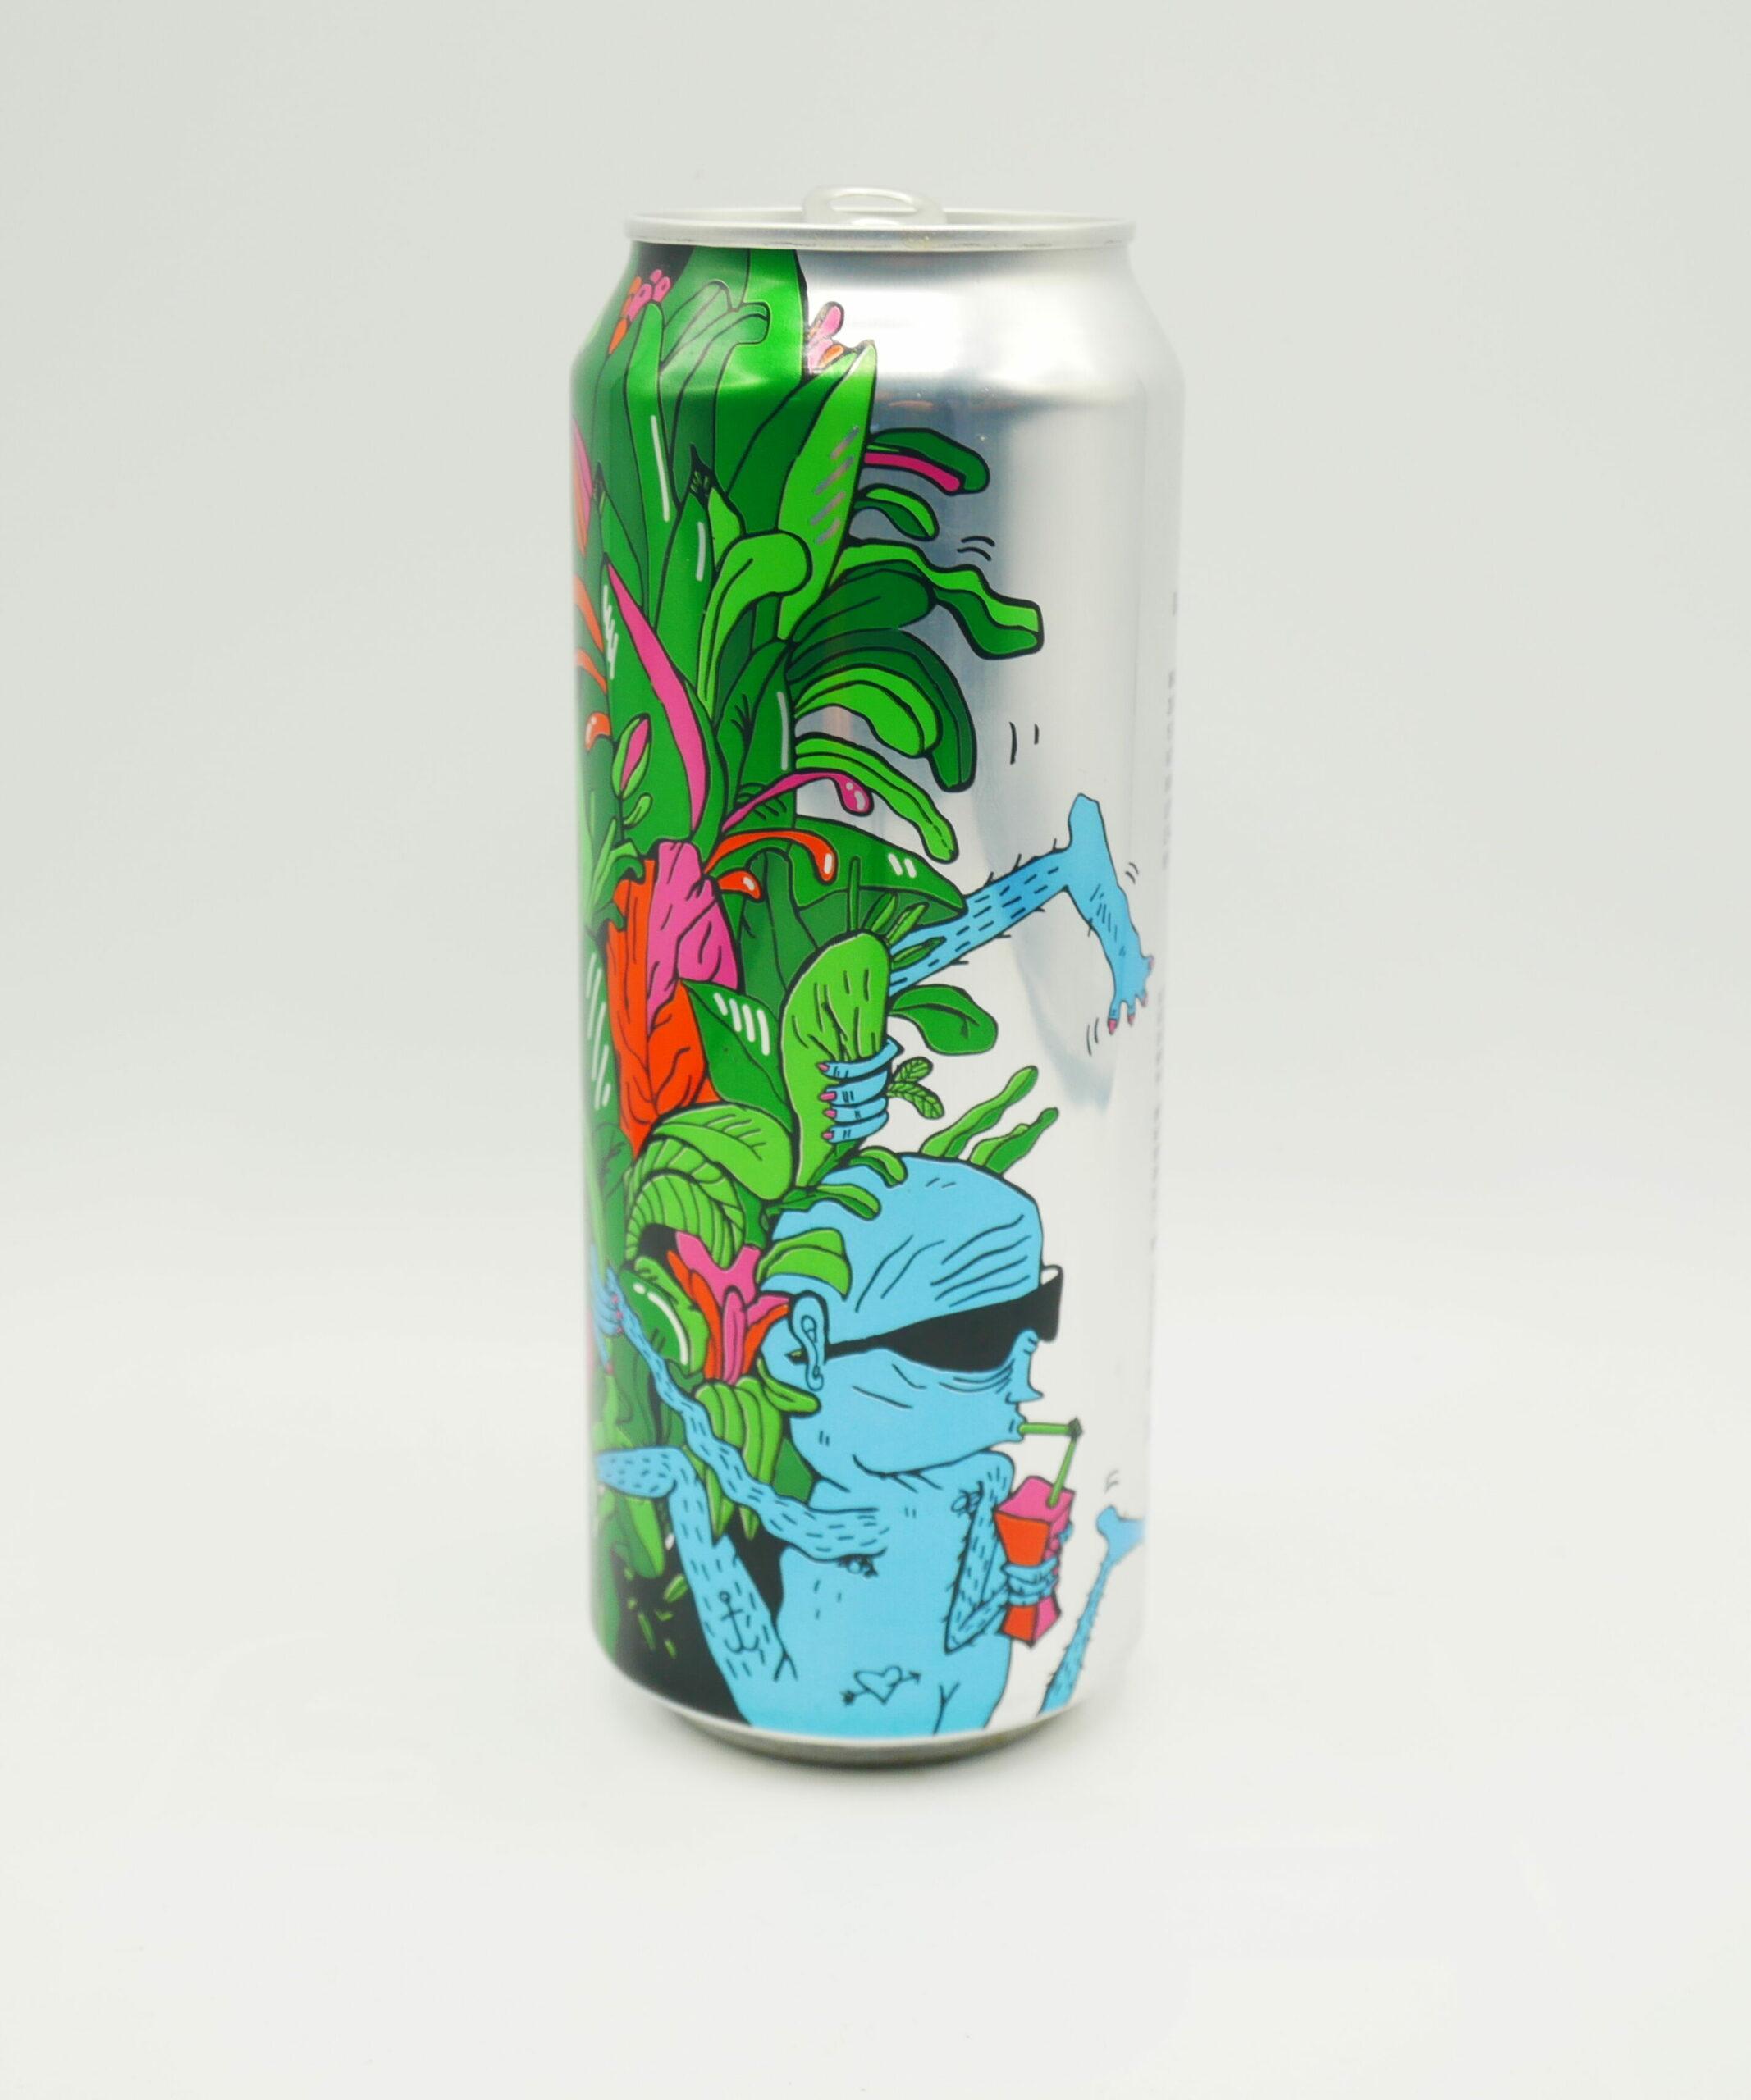 Image Tasty Juice